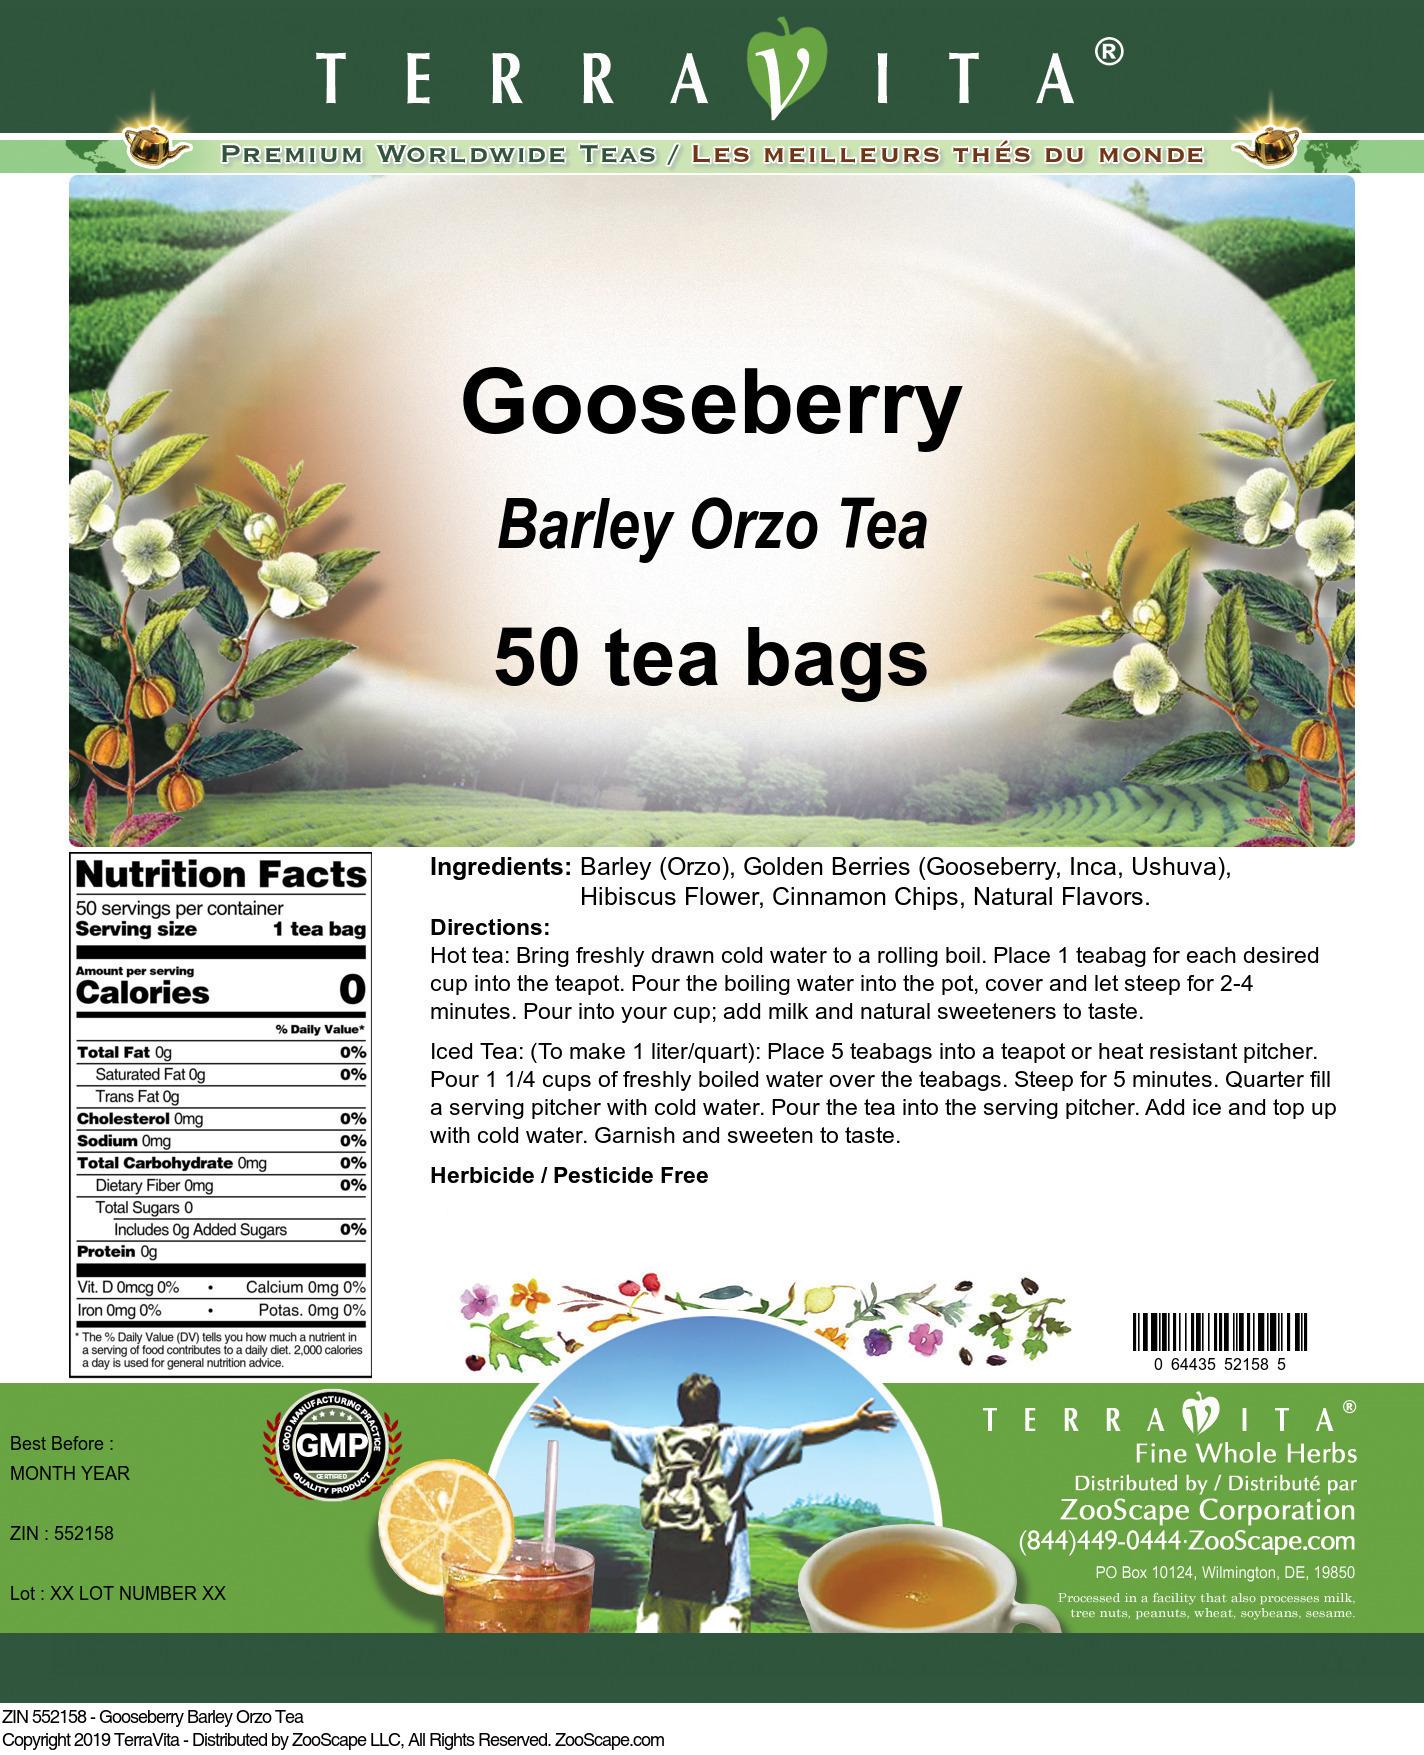 Gooseberry Barley Orzo